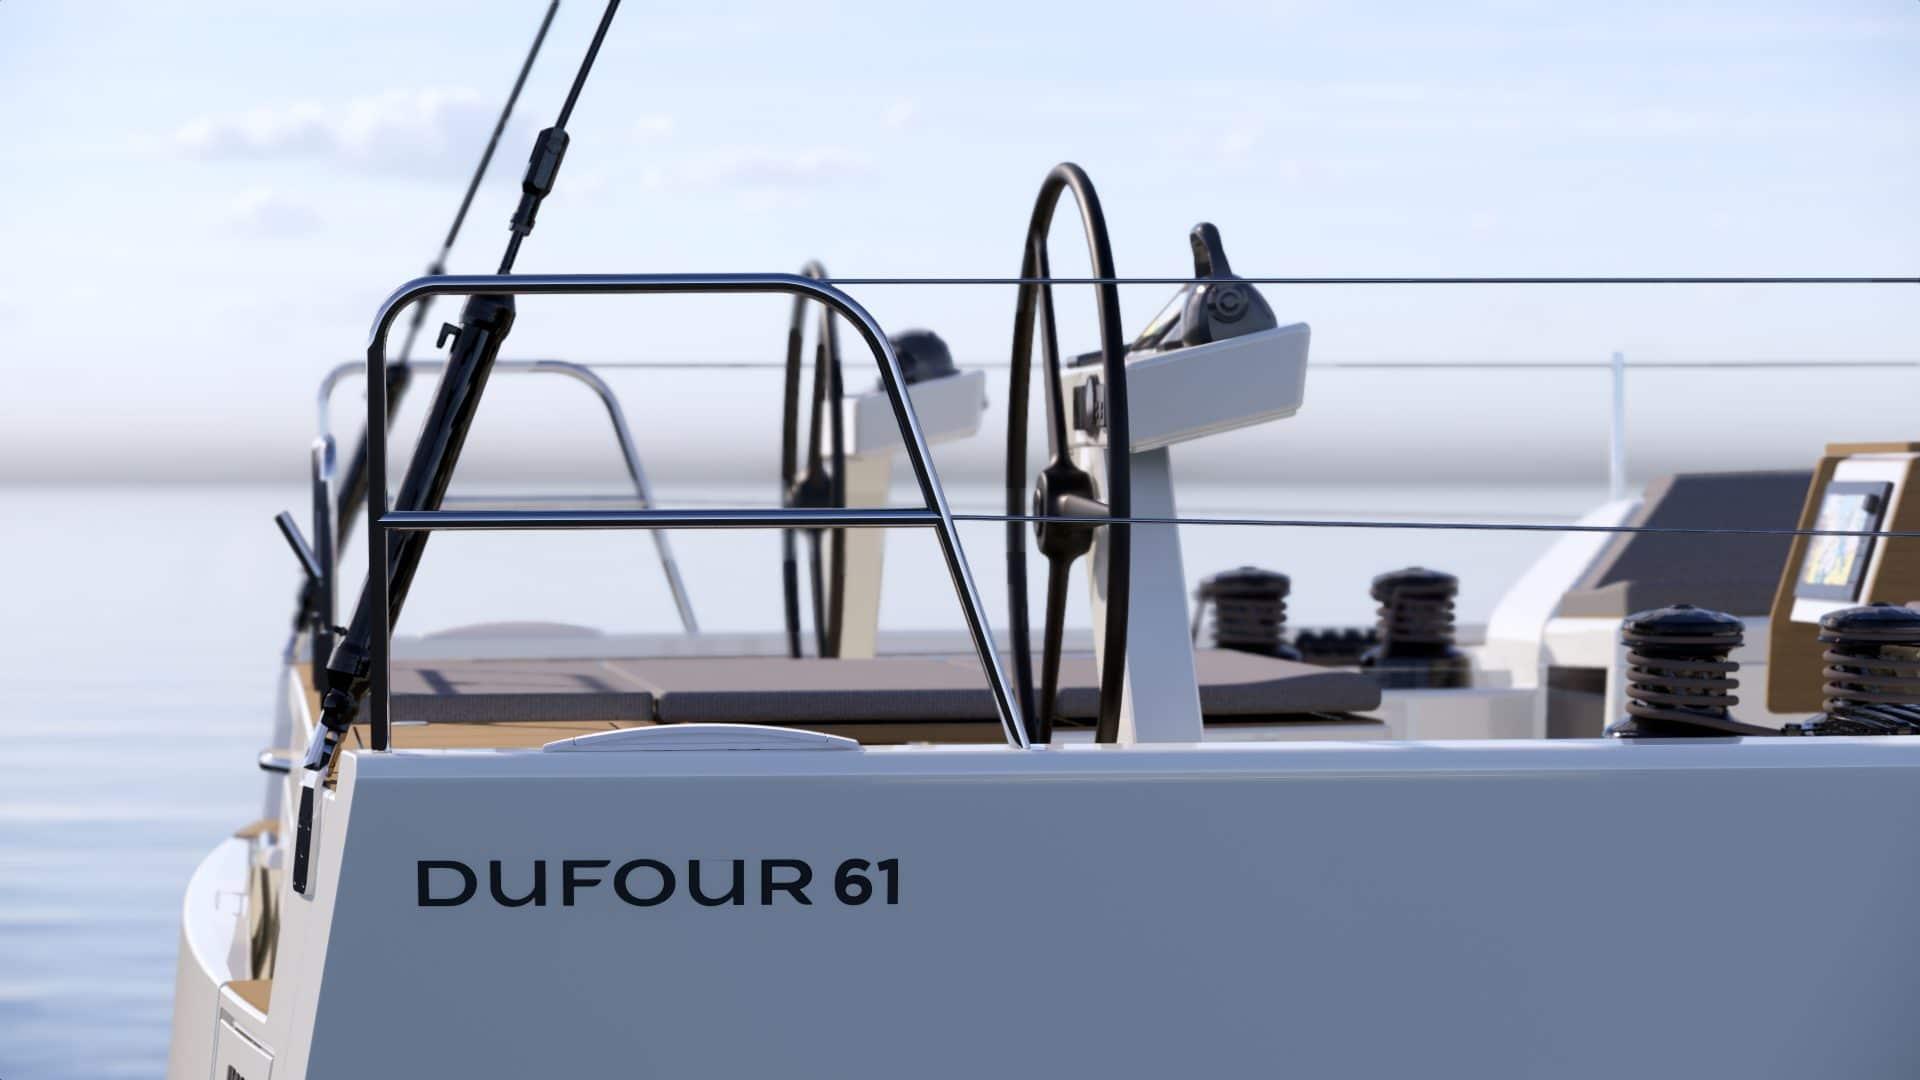 Dufour 61